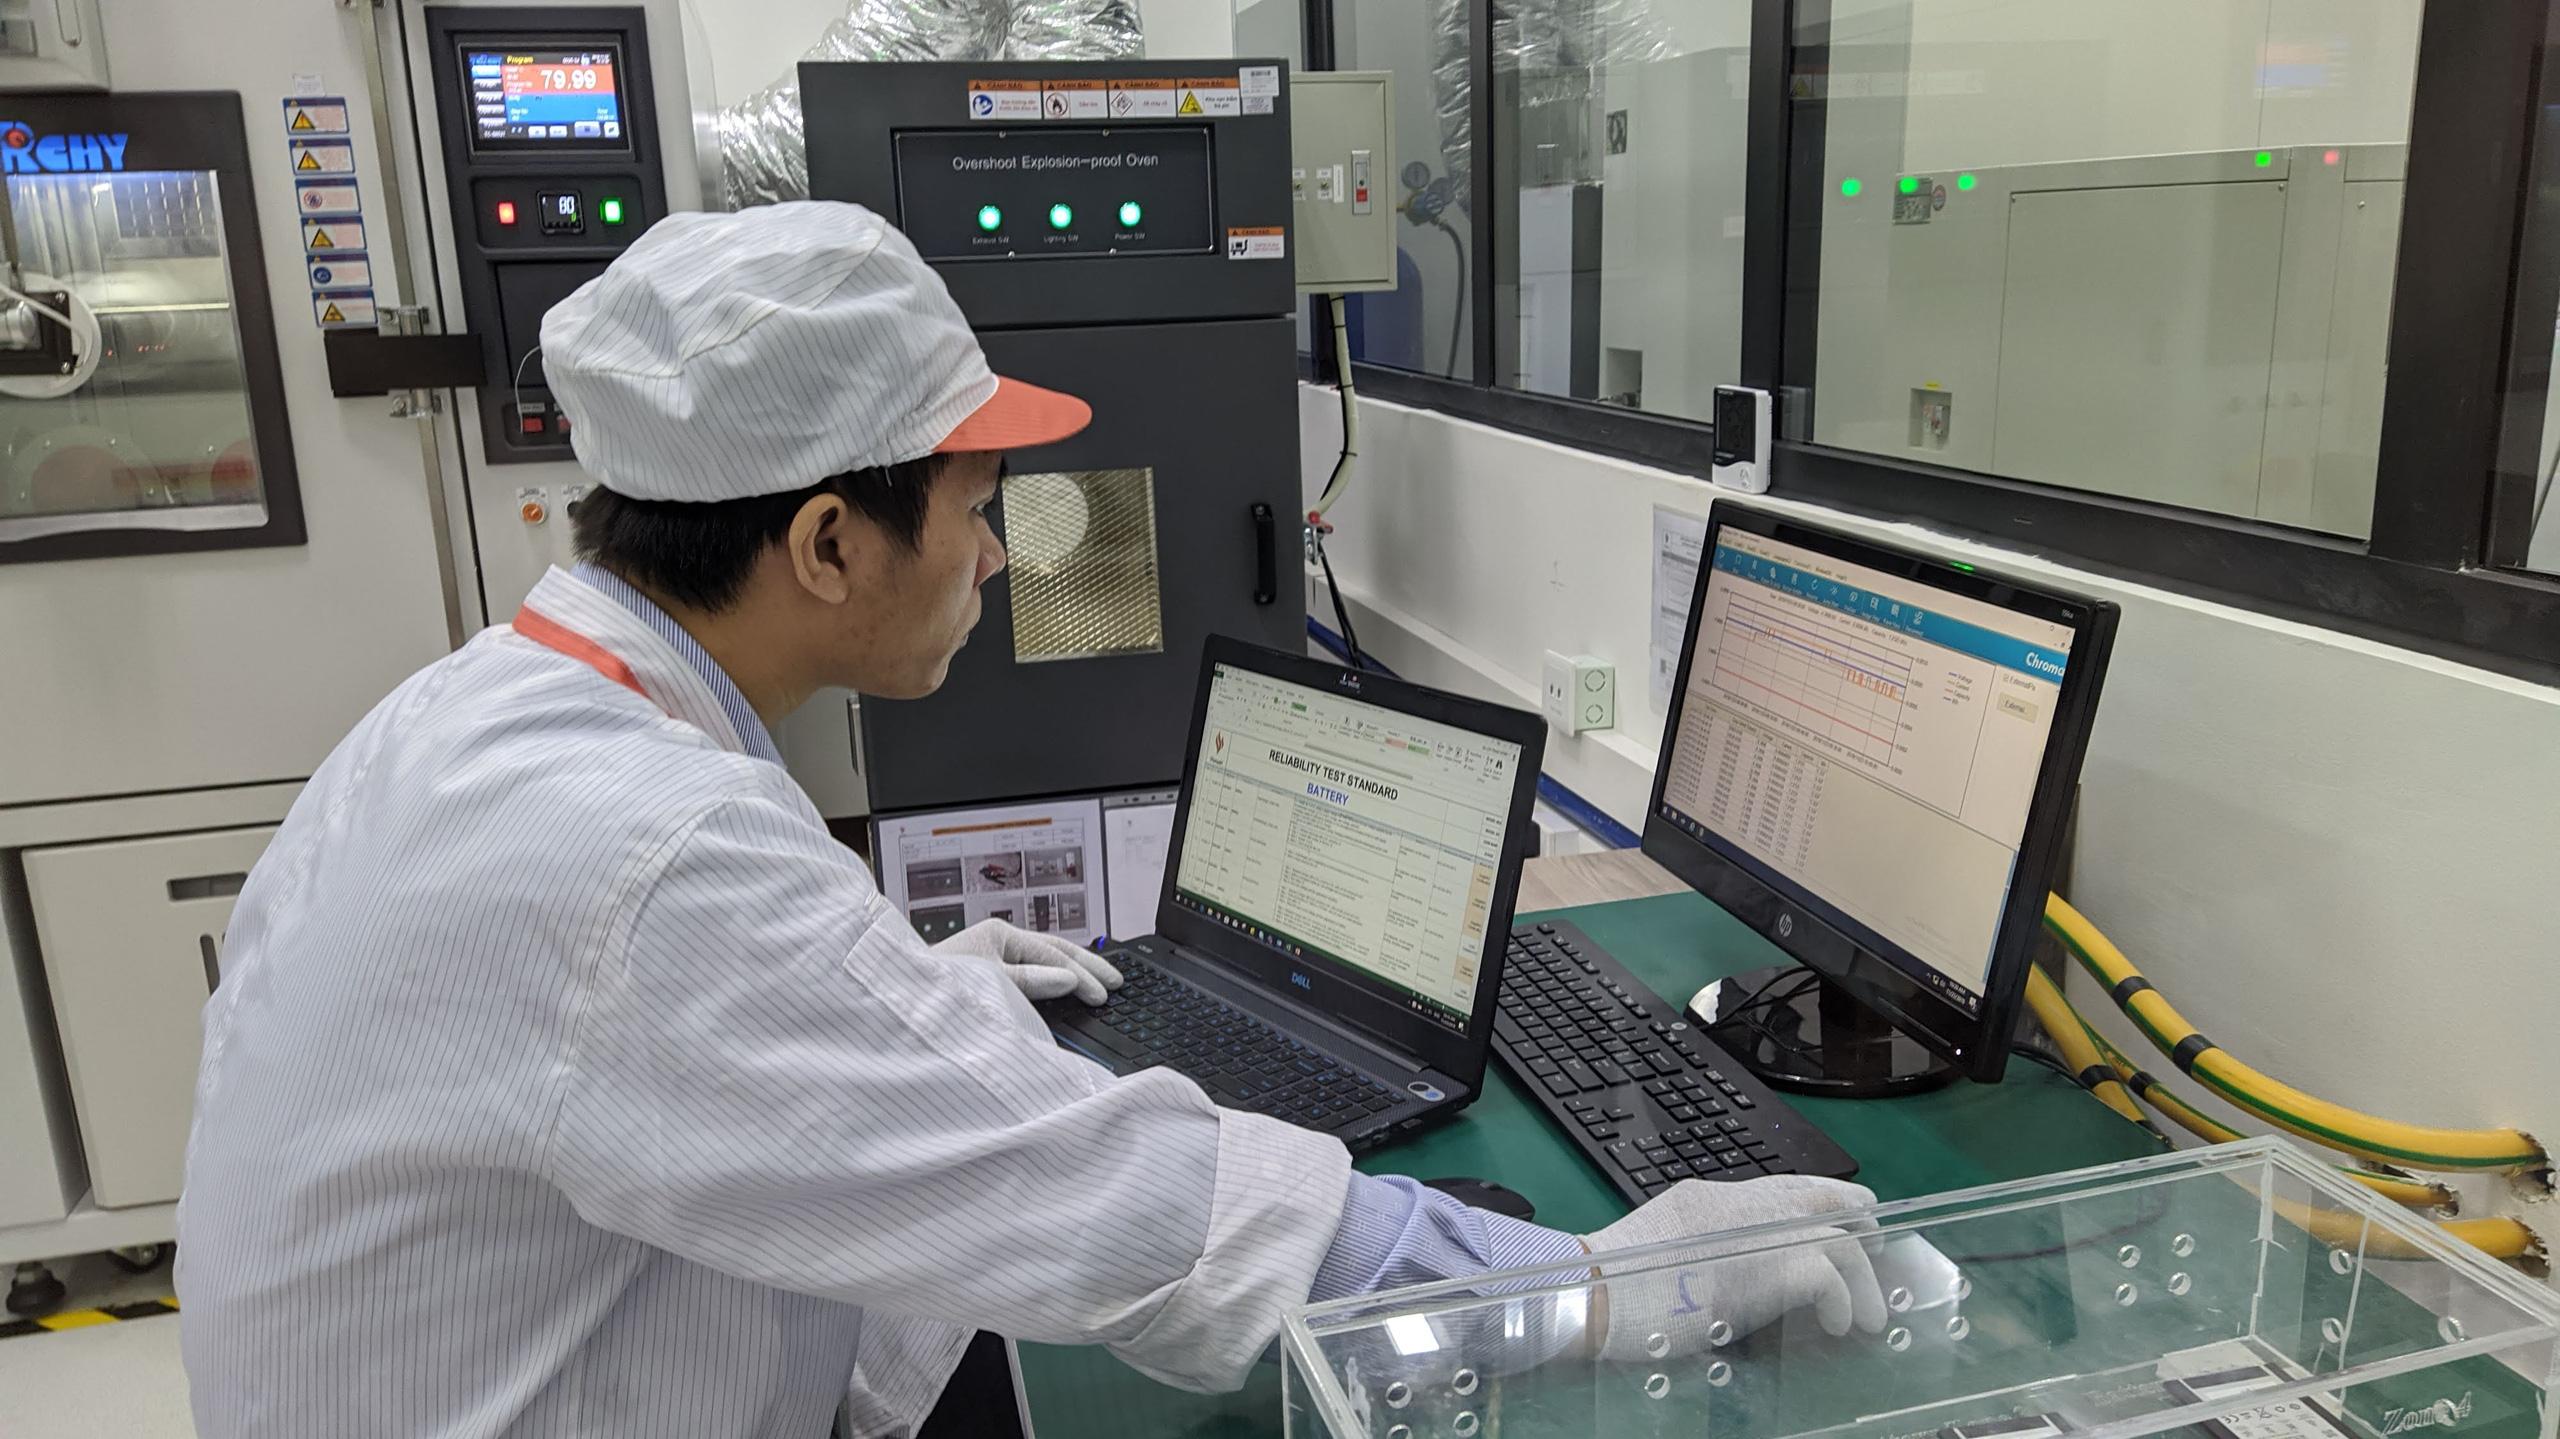 Số phận nhà máy công suất 125 triệu thiết bị mỗi năm của VinSmart khi mảng điện thoại bị đóng cửa - Ảnh 3.